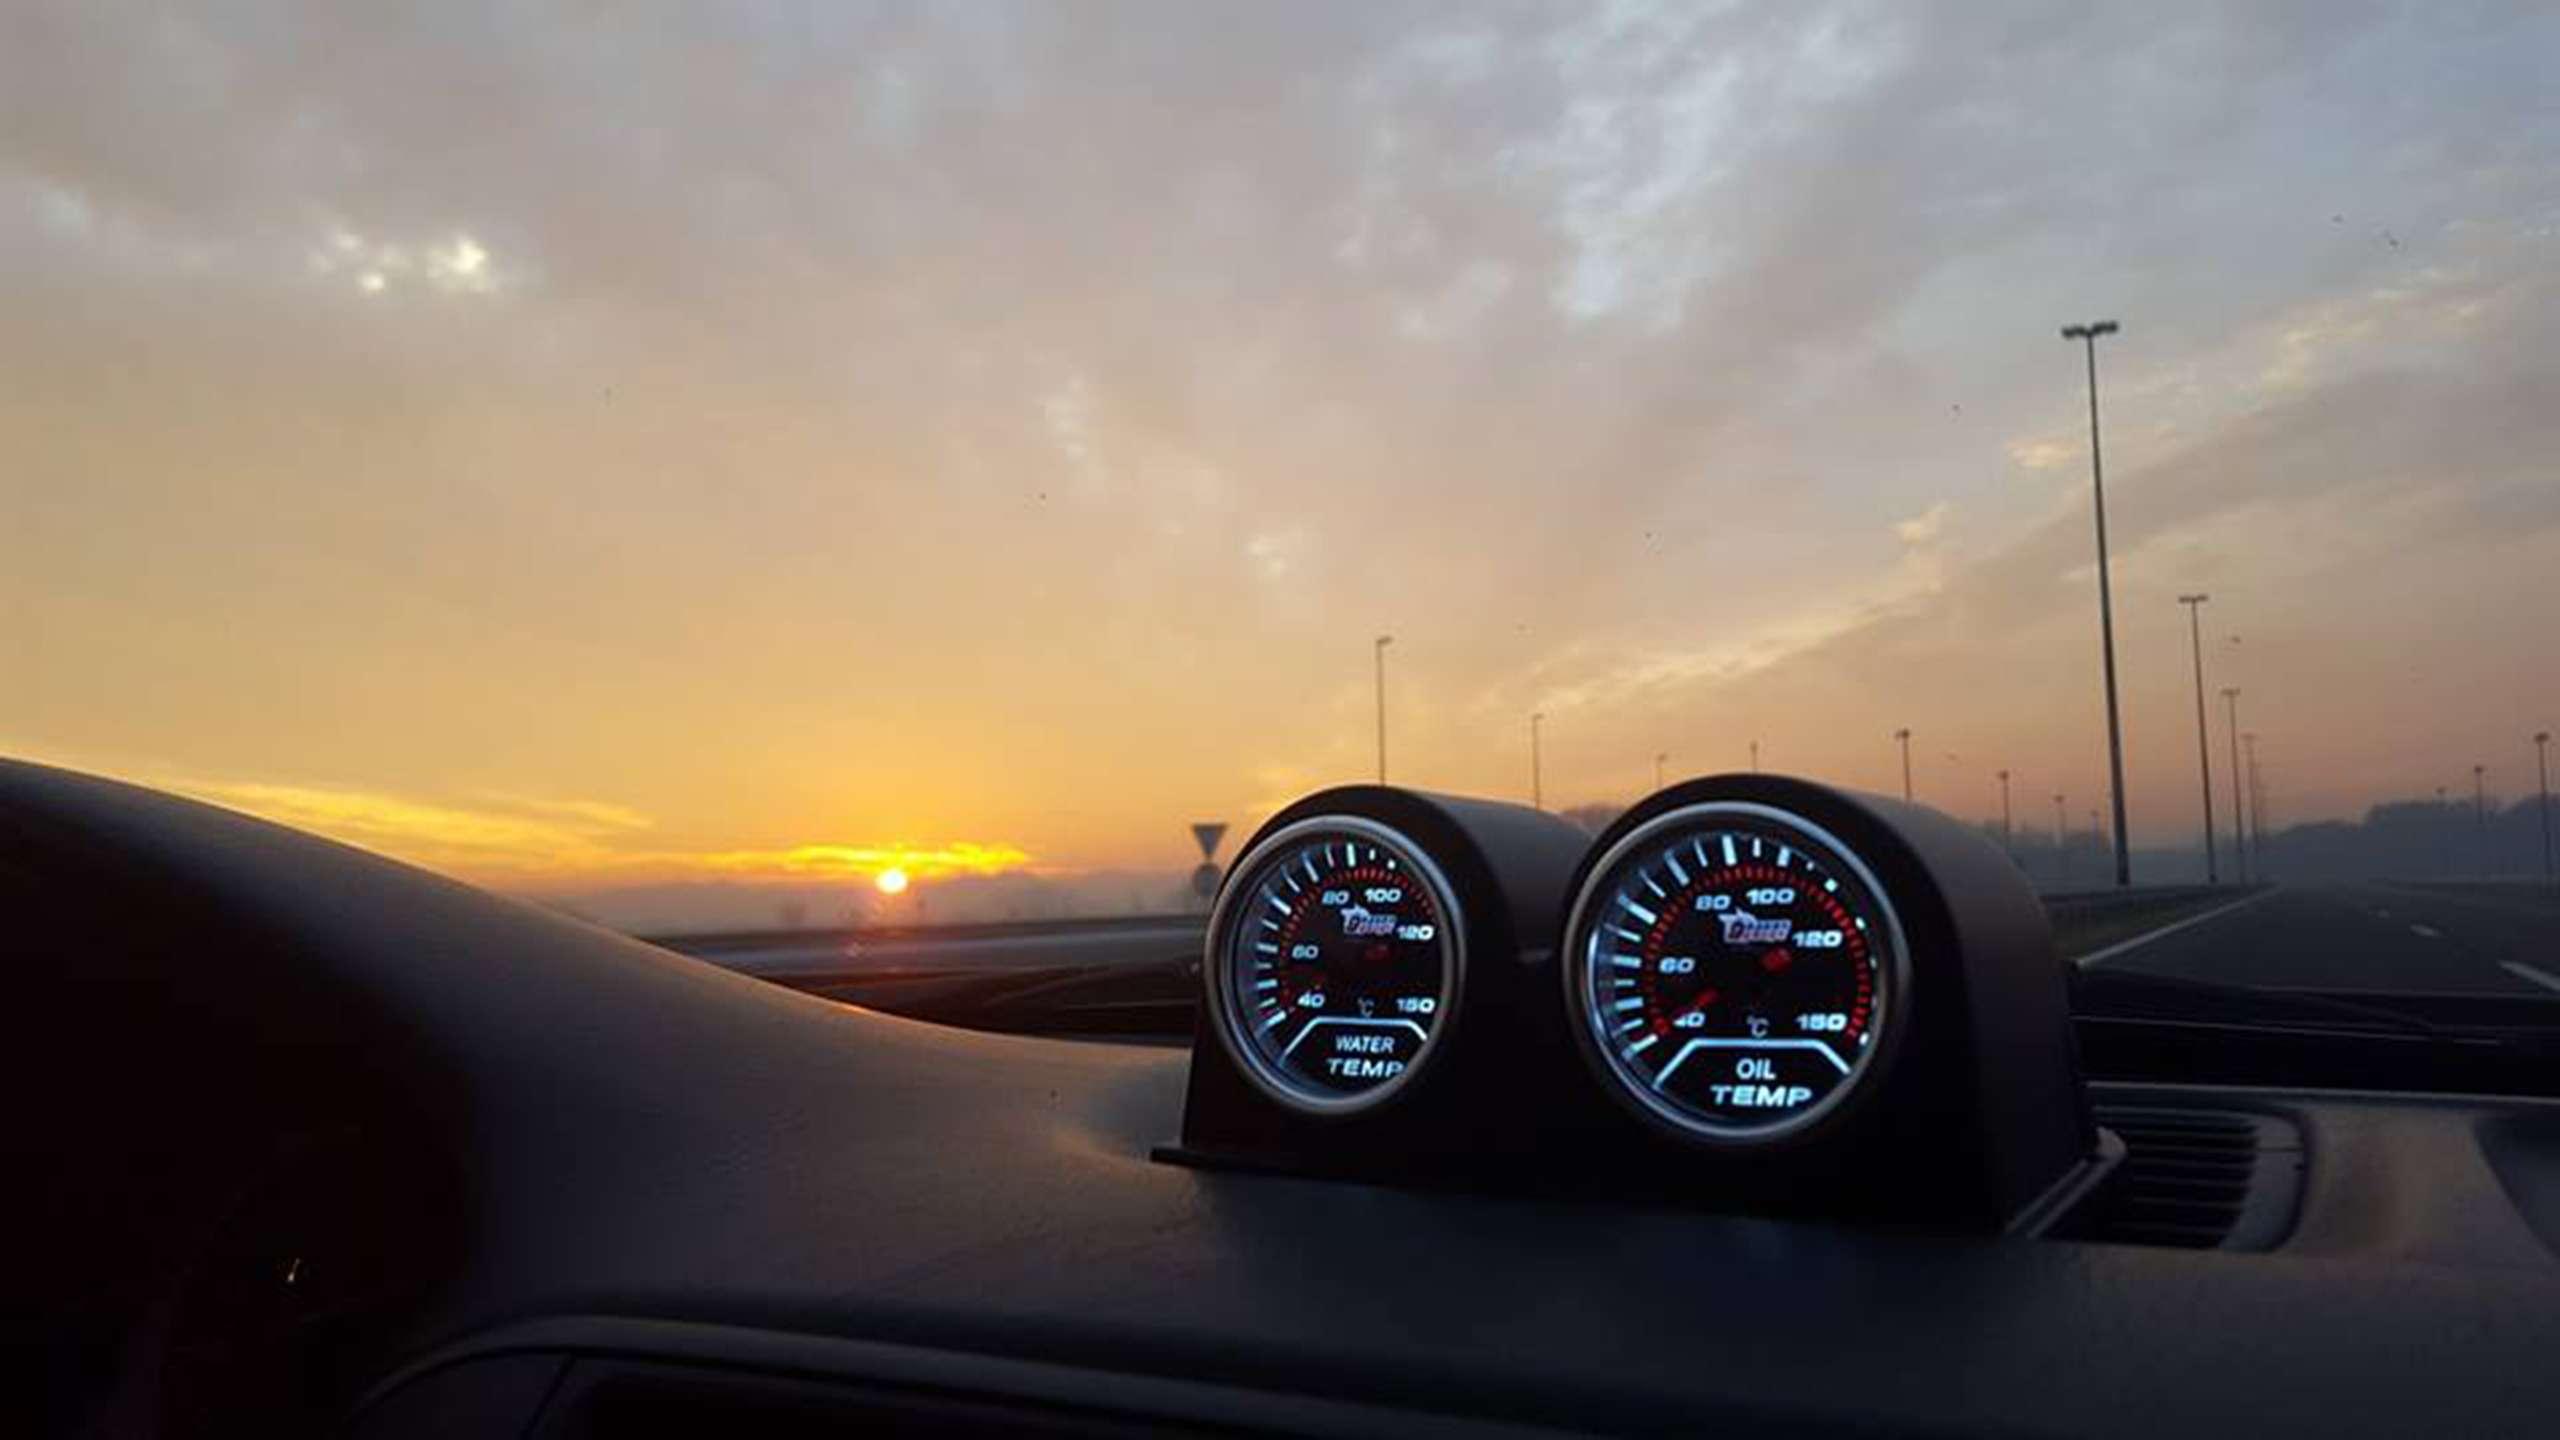 Qué revisar en el coche antes de salir de viaje